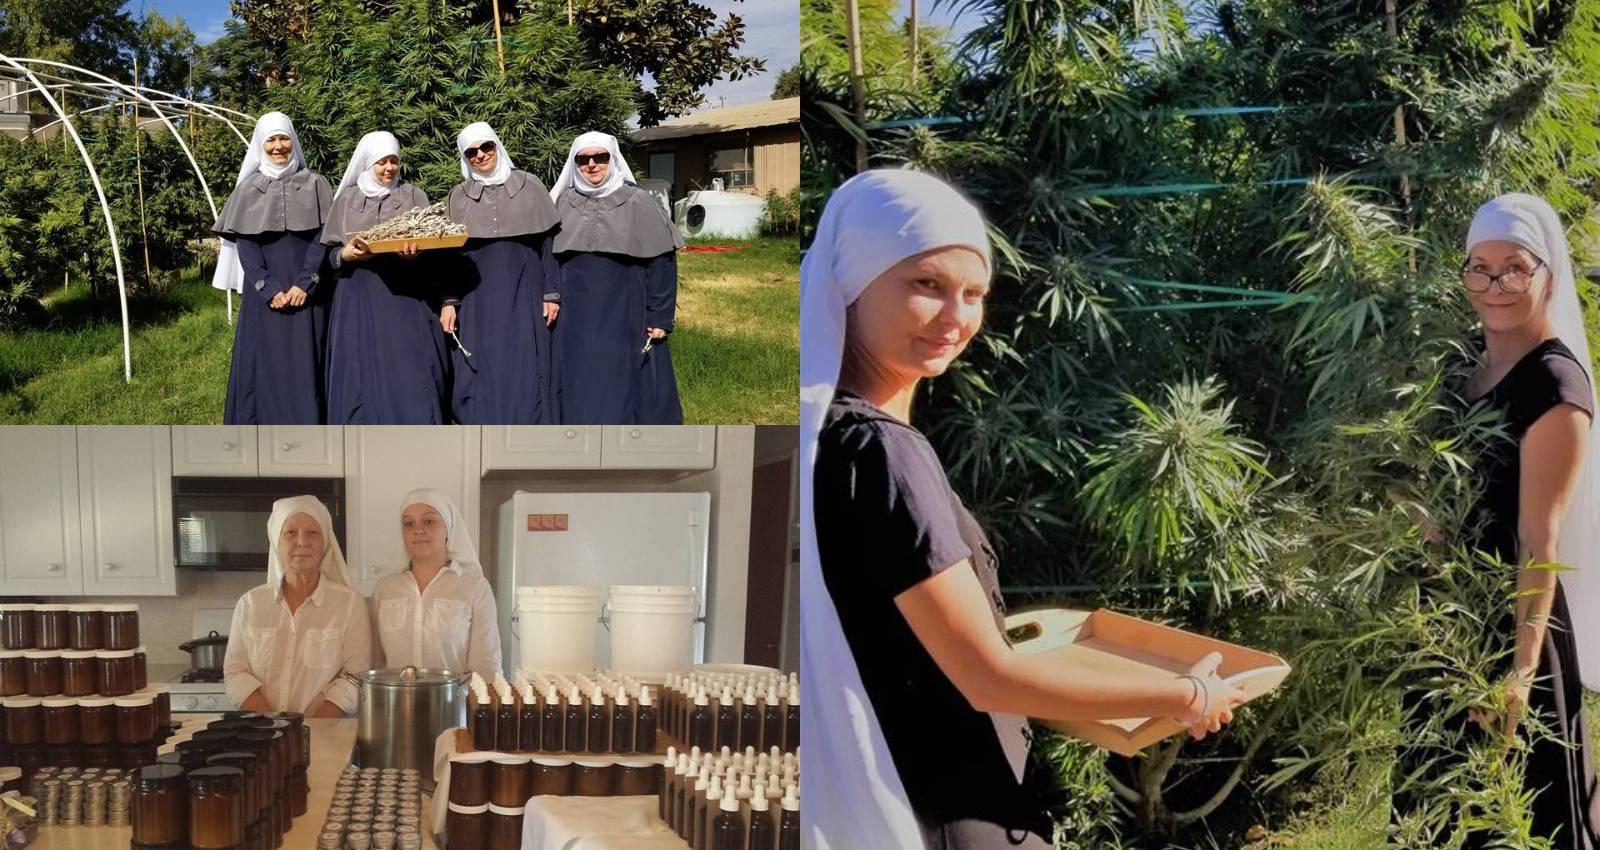 'Časne' uzgajaju medicinsku marihuanu: To je naša religija